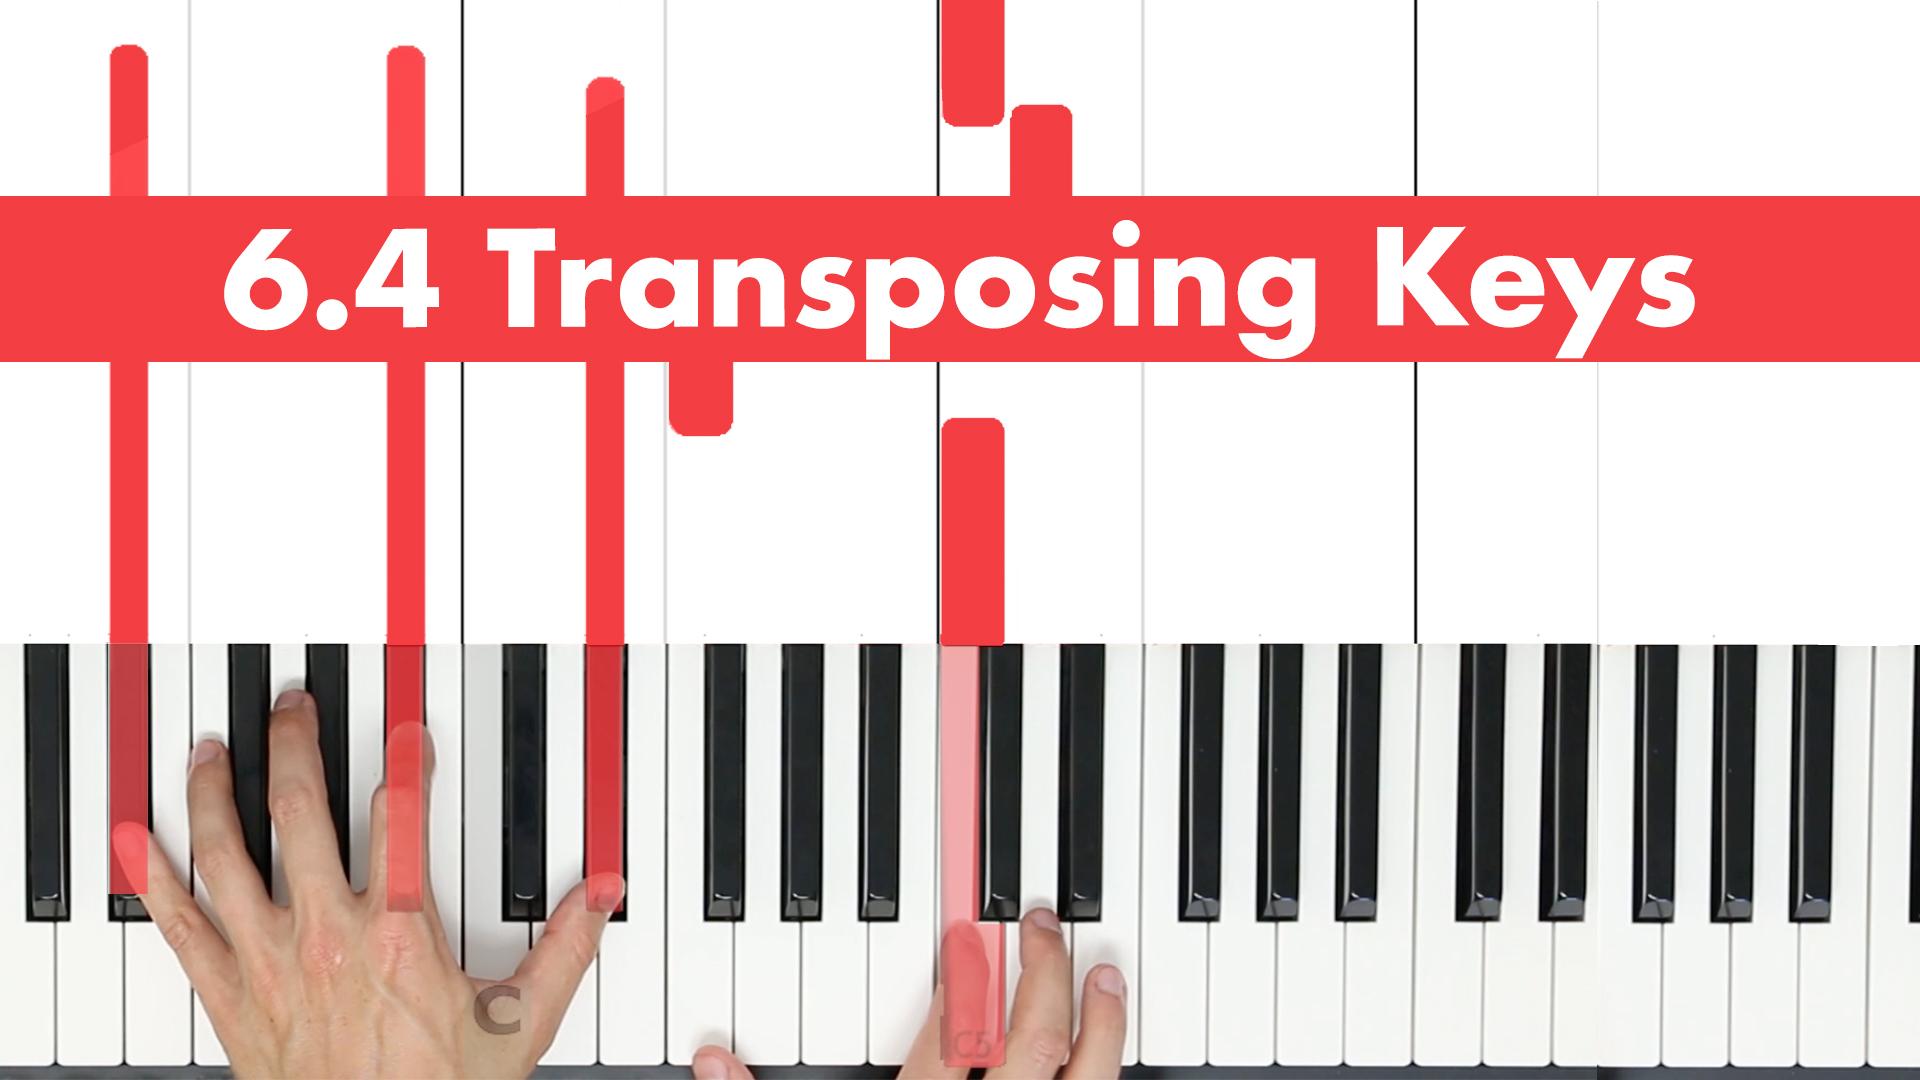 6.4 Transposing Keys